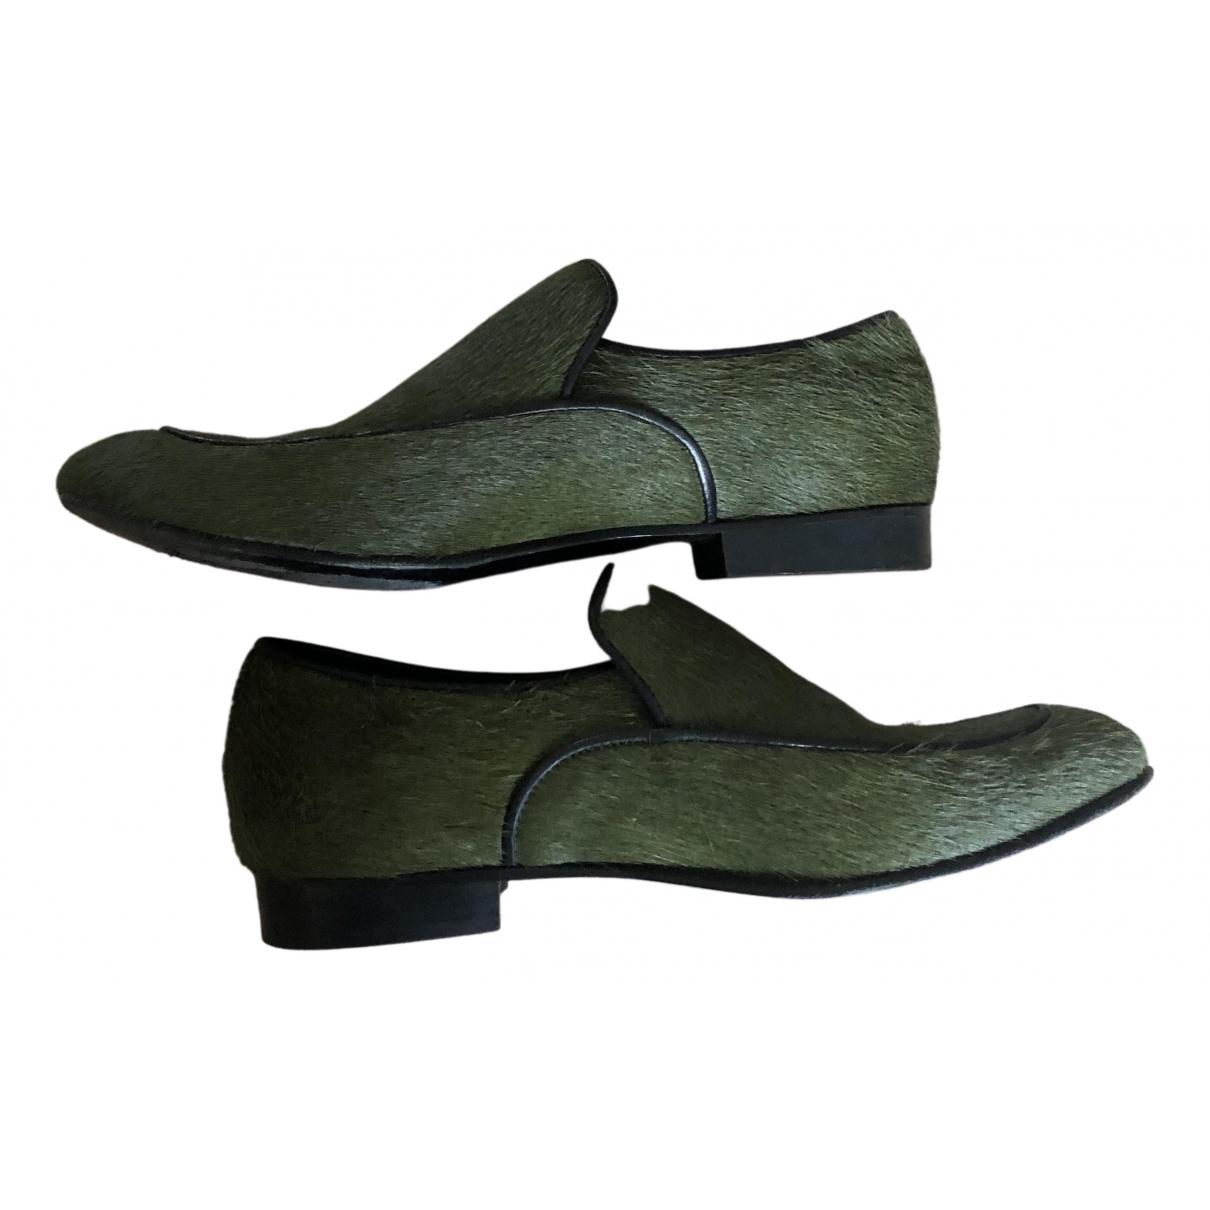 Roseanna N Green Pony-style calfskin Flats for Women 37 EU